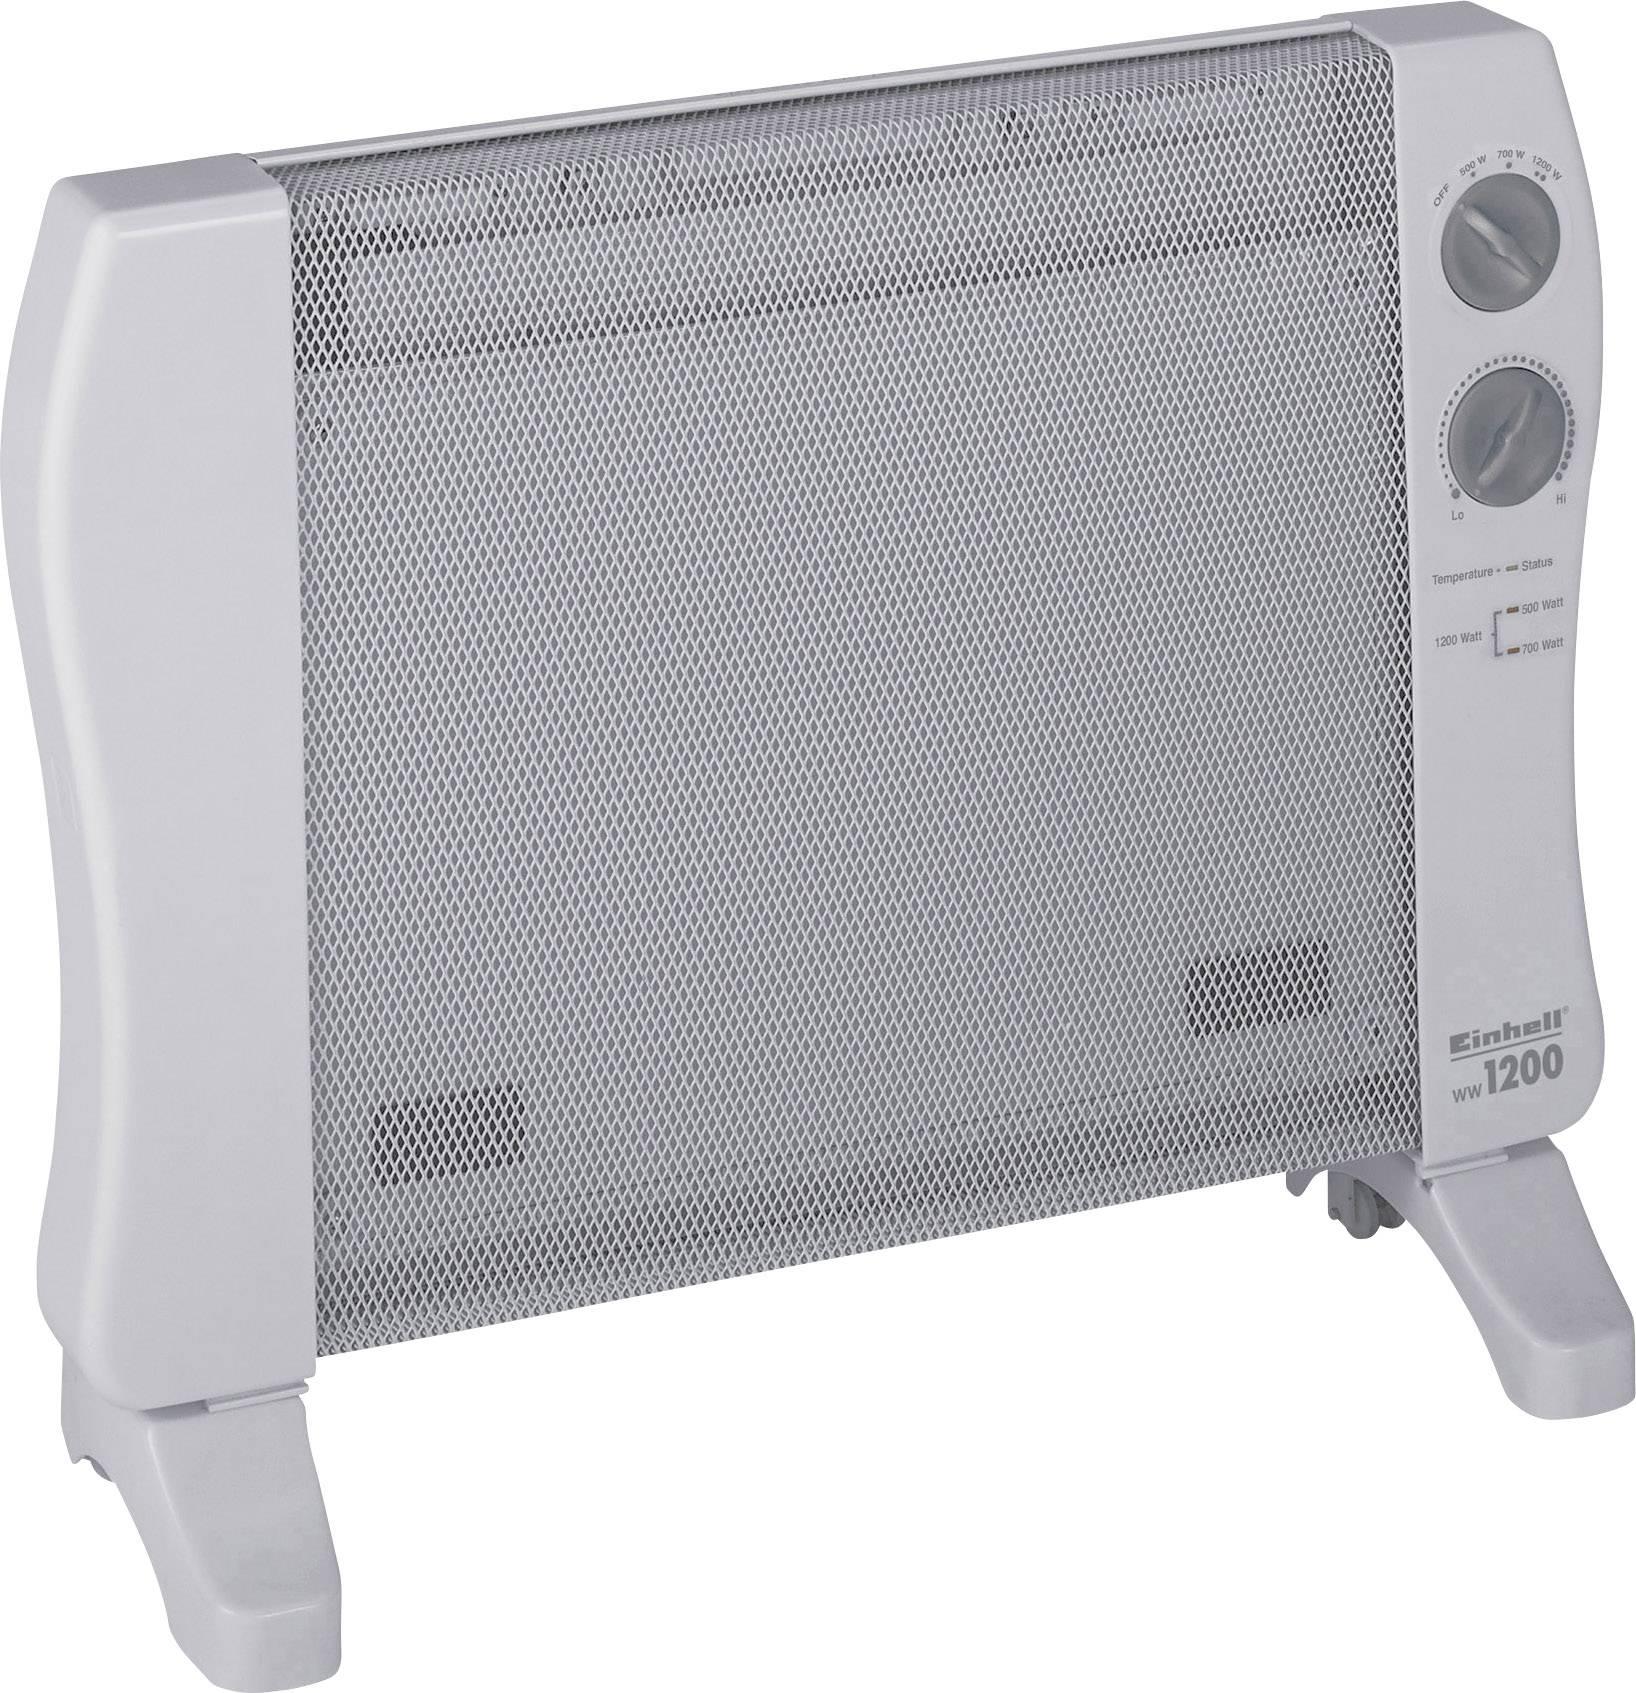 Radiatore ad onde di calore 12